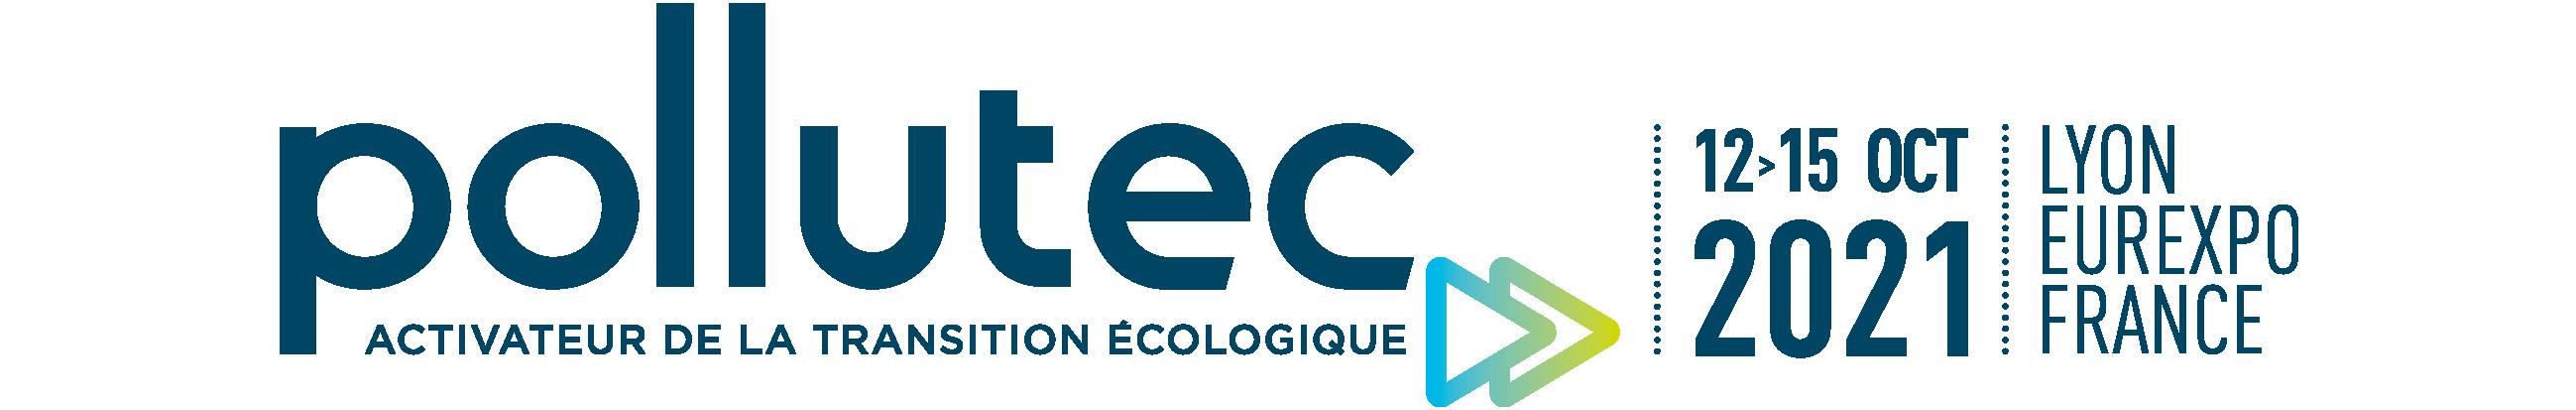 Salon de l'environnement et de l'énergie